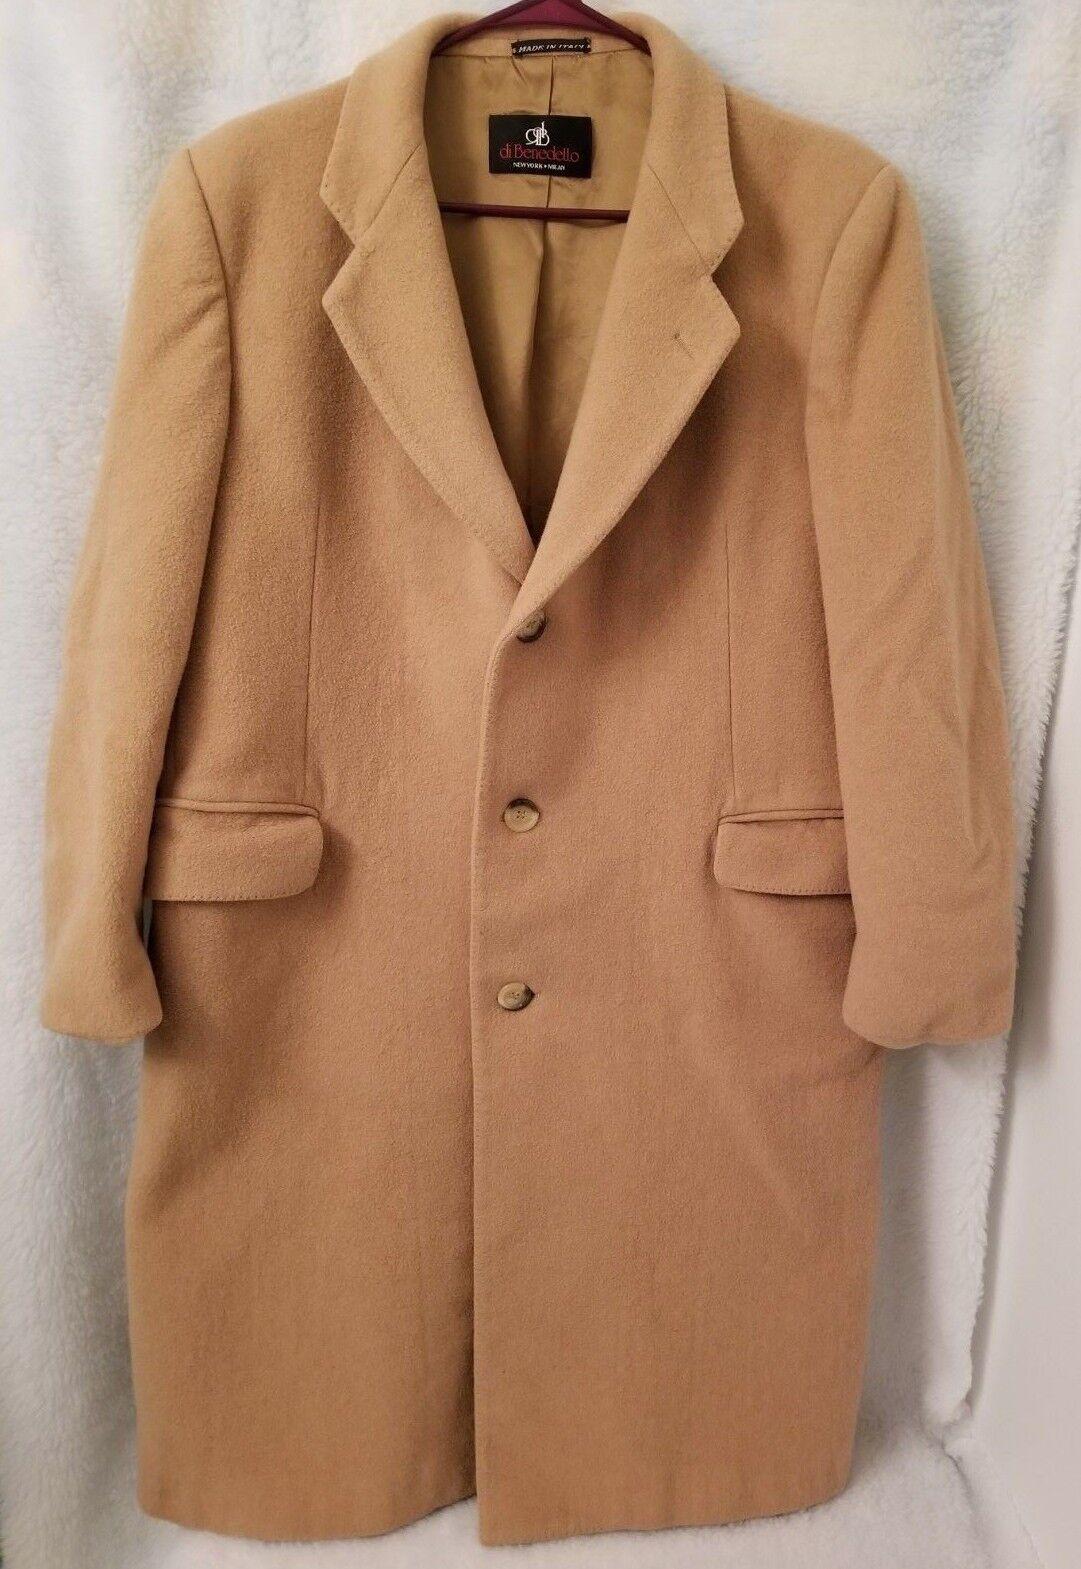 VTG Di Benedetto  Herren Light Braun Cashmere Wool Blend Button Down Coat Größe 42 R